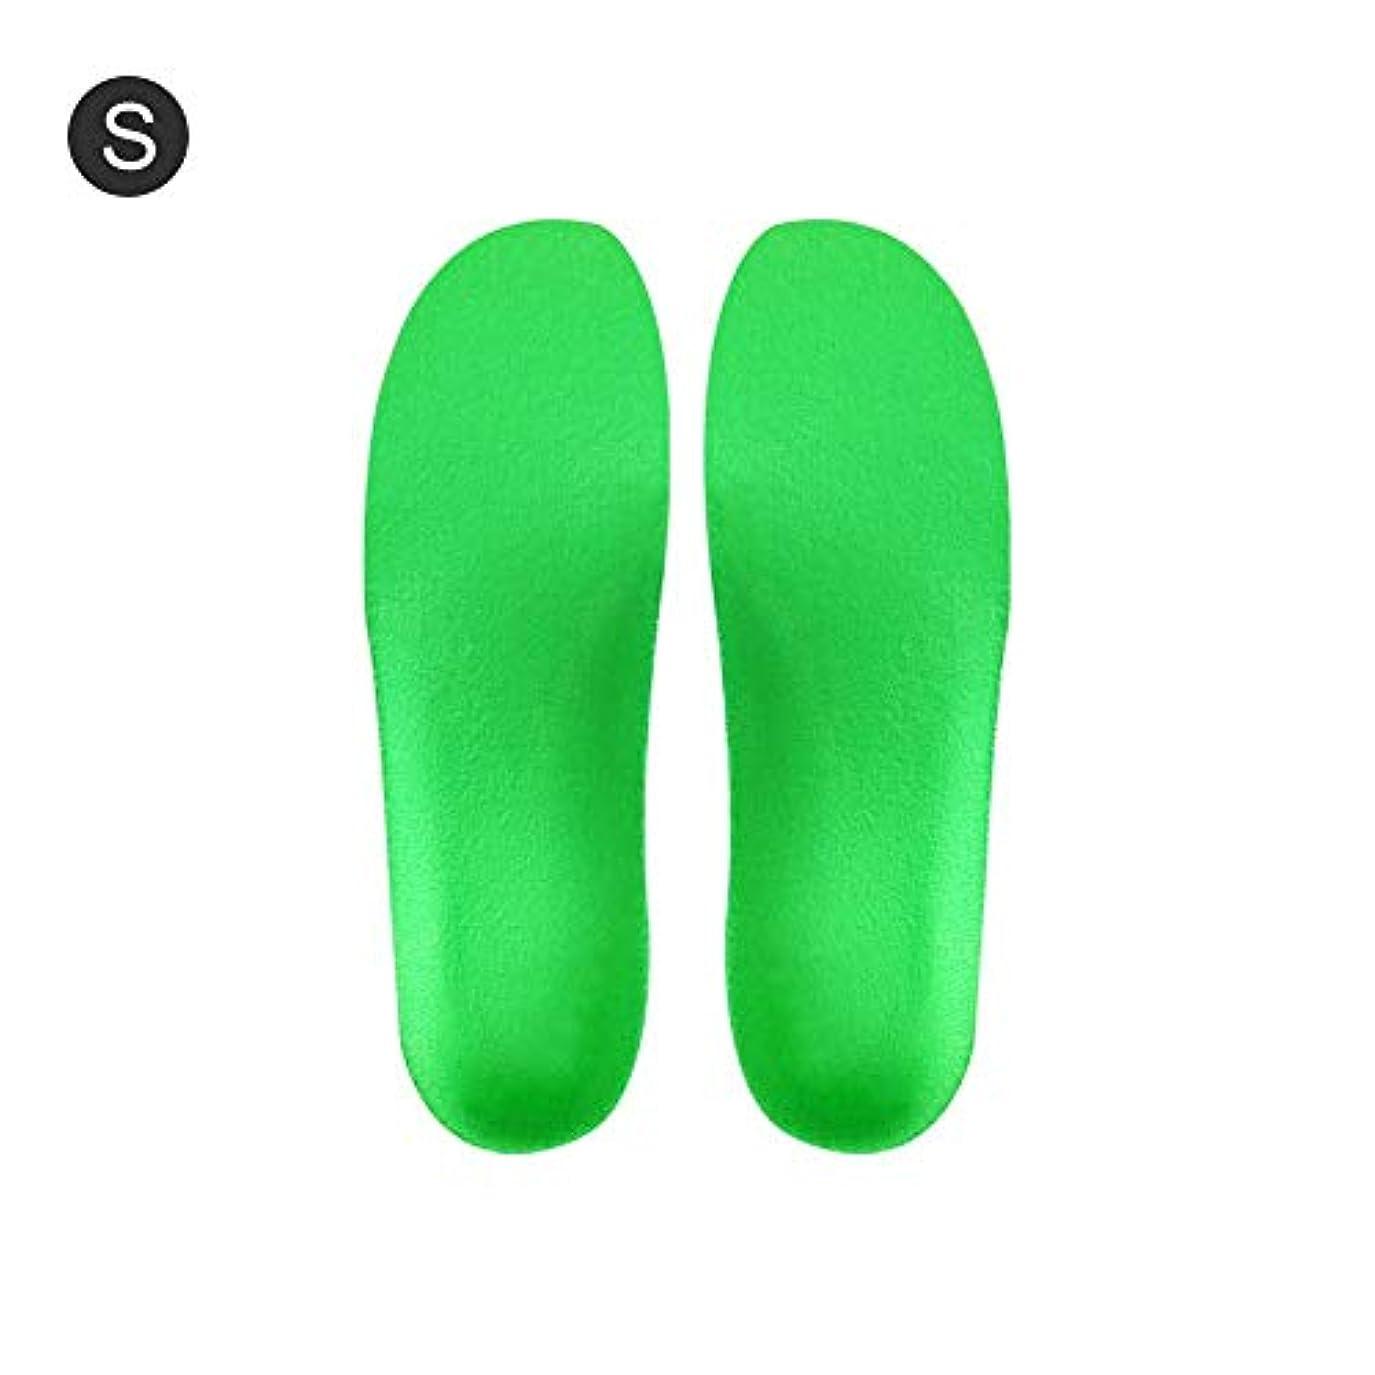 子豚スケルトン増強convokeri 整形外科用インソール1対装具靴インサート汗吸収性通気性高アーチサポートインソール補正スポーツインソールパッド高弾性厚衝撃吸収